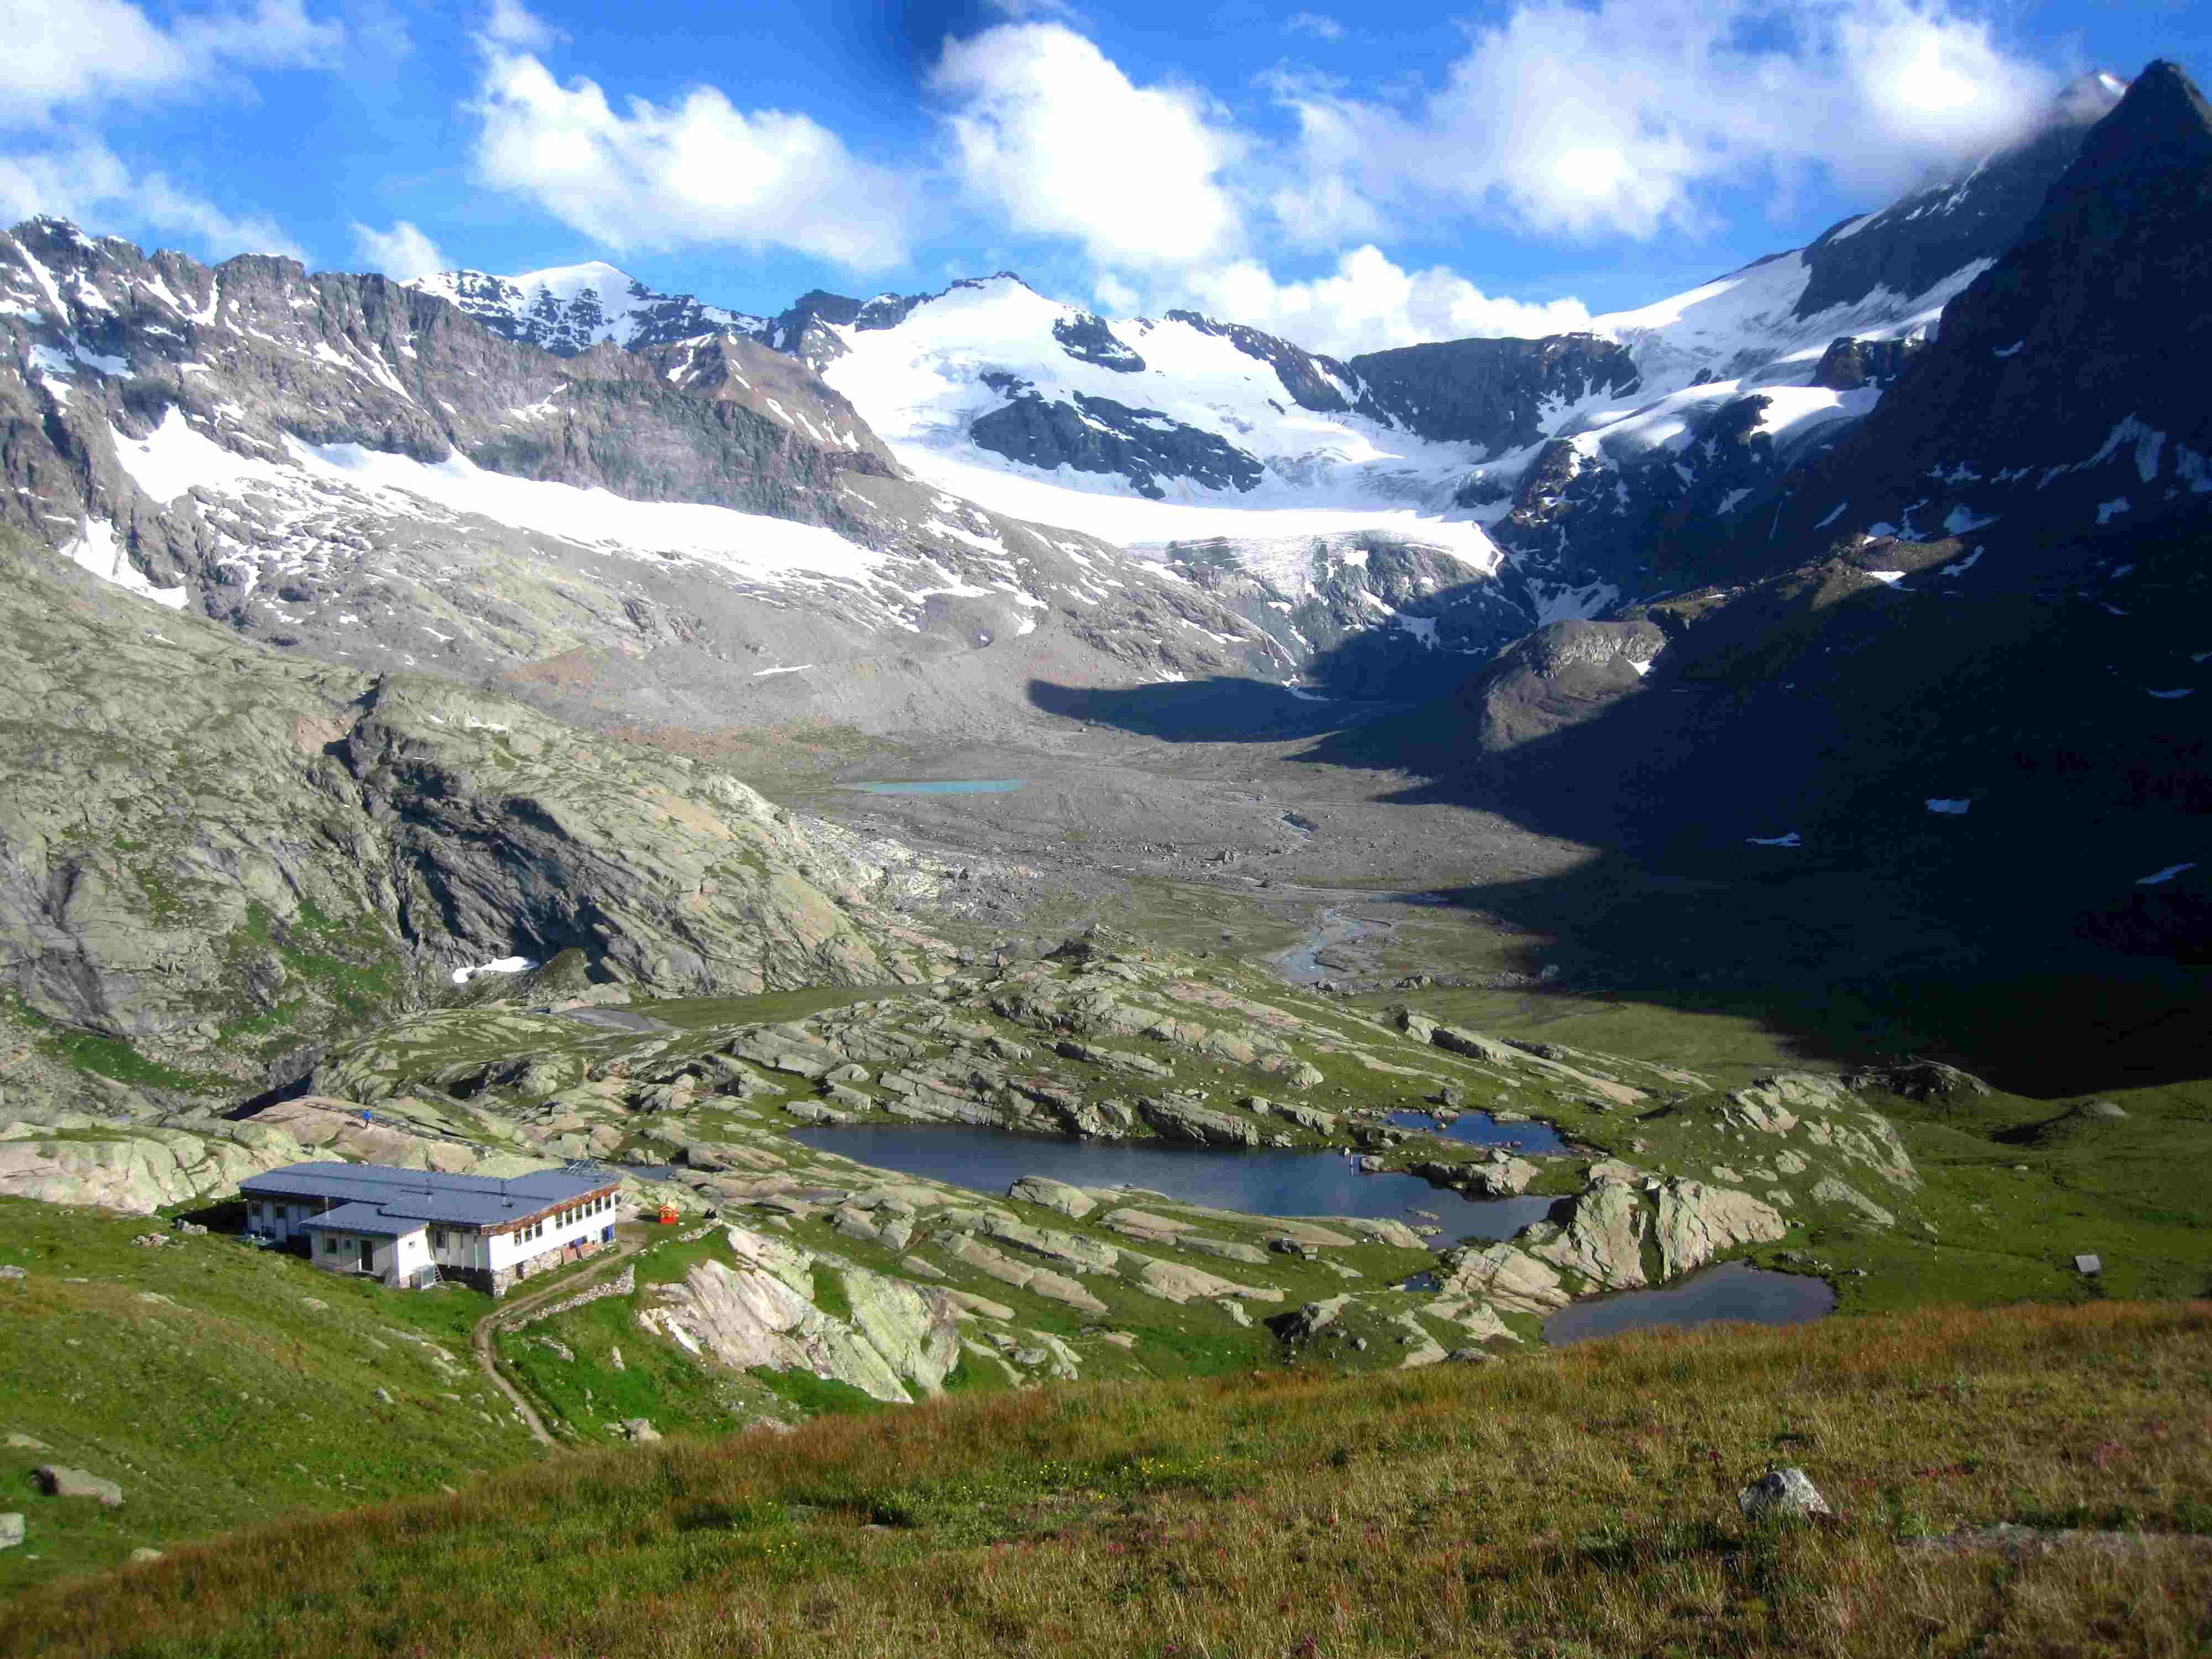 Alpi en haute maurienne blog d 39 antoine bouvier for Haute maurienne